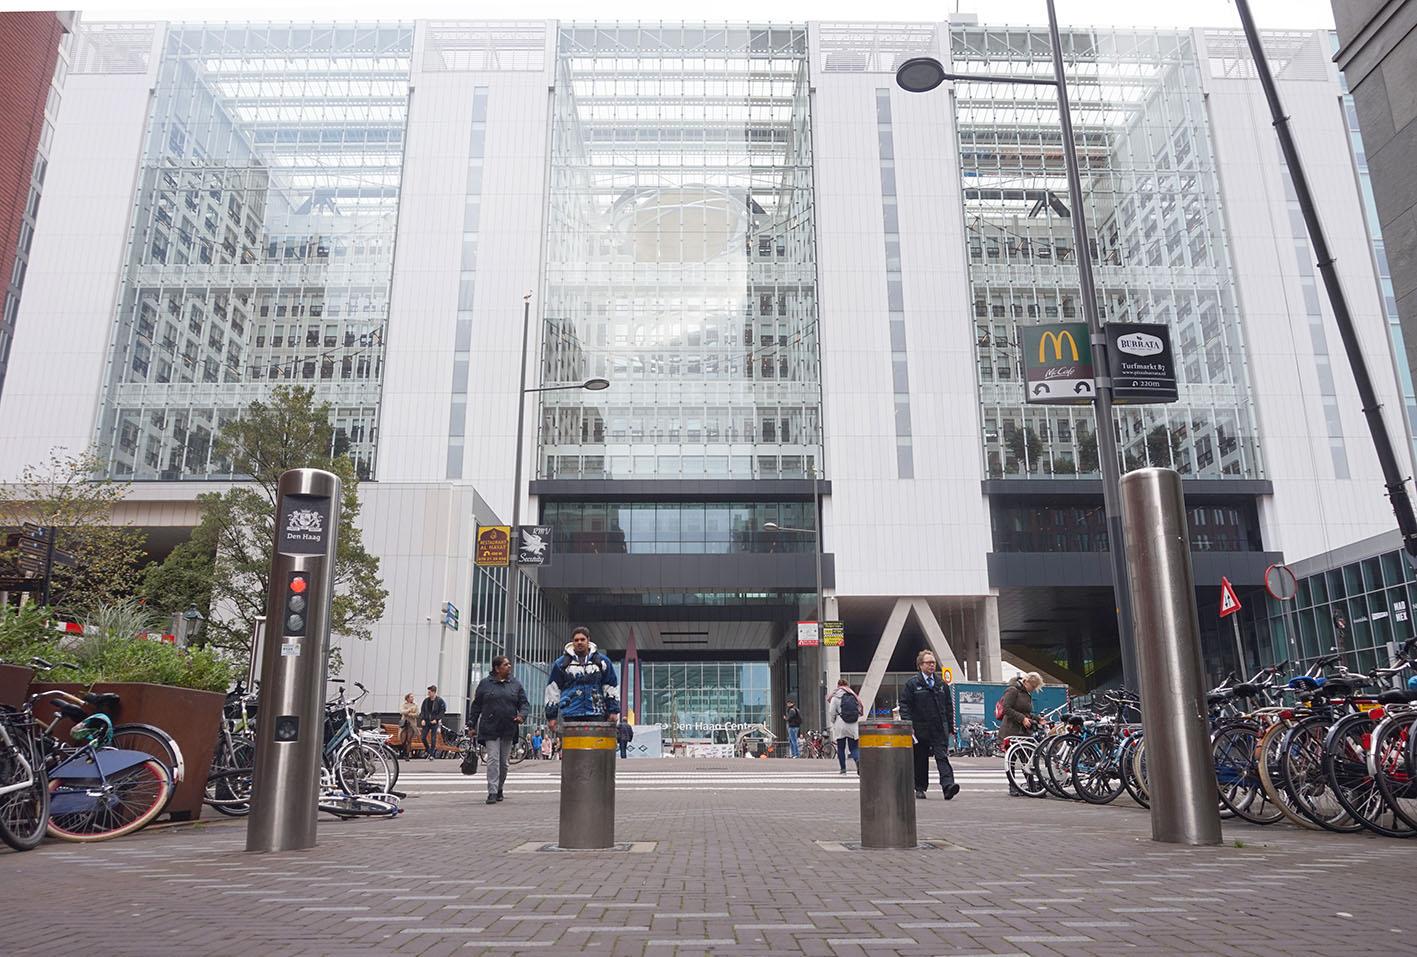 Voetgangersgebied beschermd dankzij MOOV bij het stadshuis in Den Haag